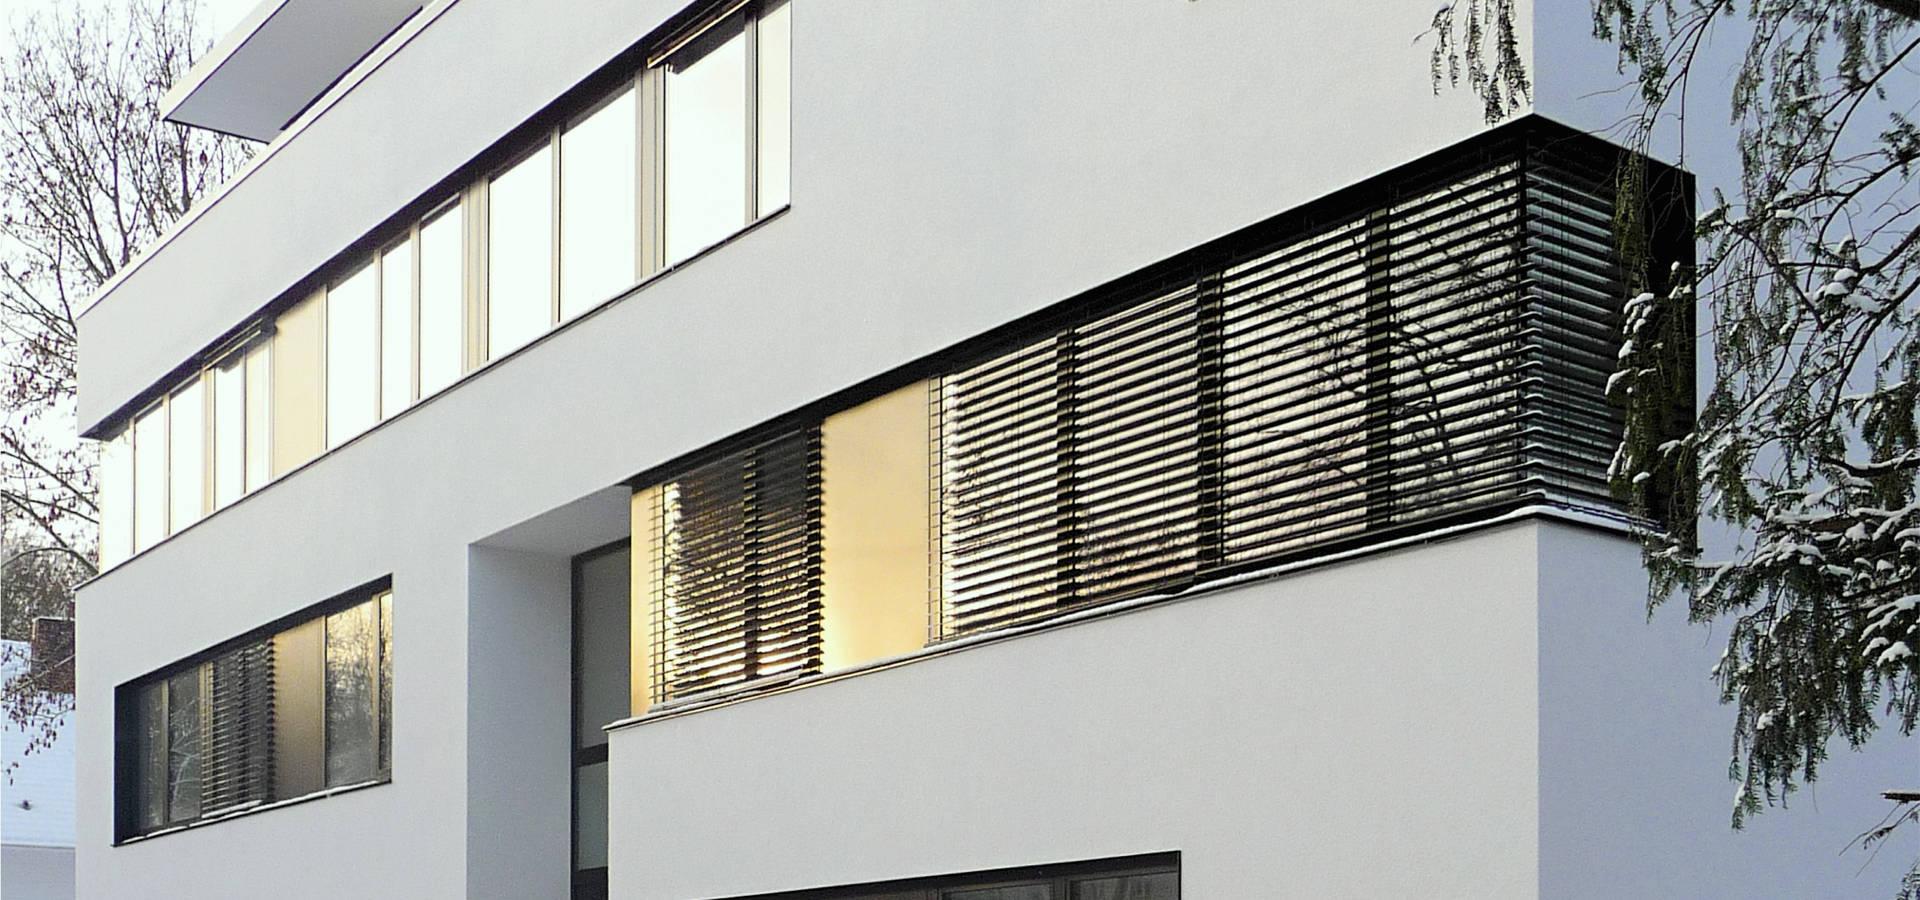 Beissel schmidt architekten umbau leo 66 mfh in 50823 k ln ehrenfeld homify - Schmidt architekten ...